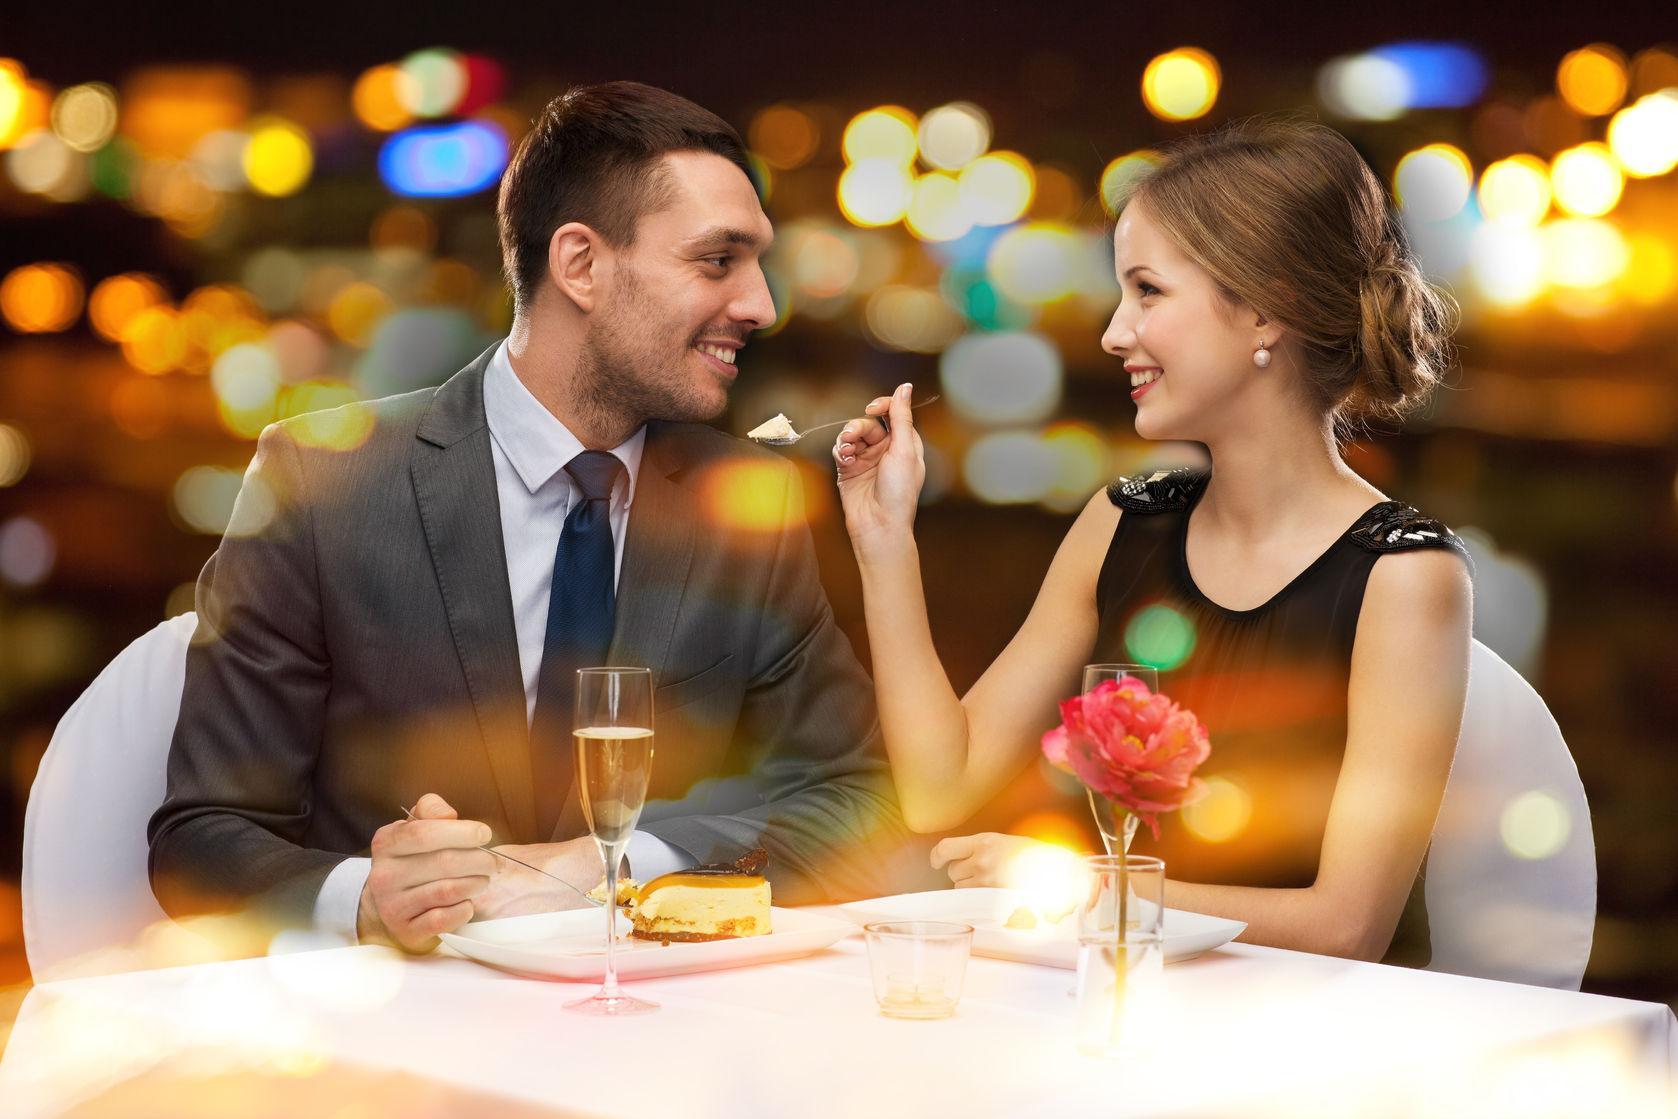 girls-dinner-dating-oxford-sex-movie